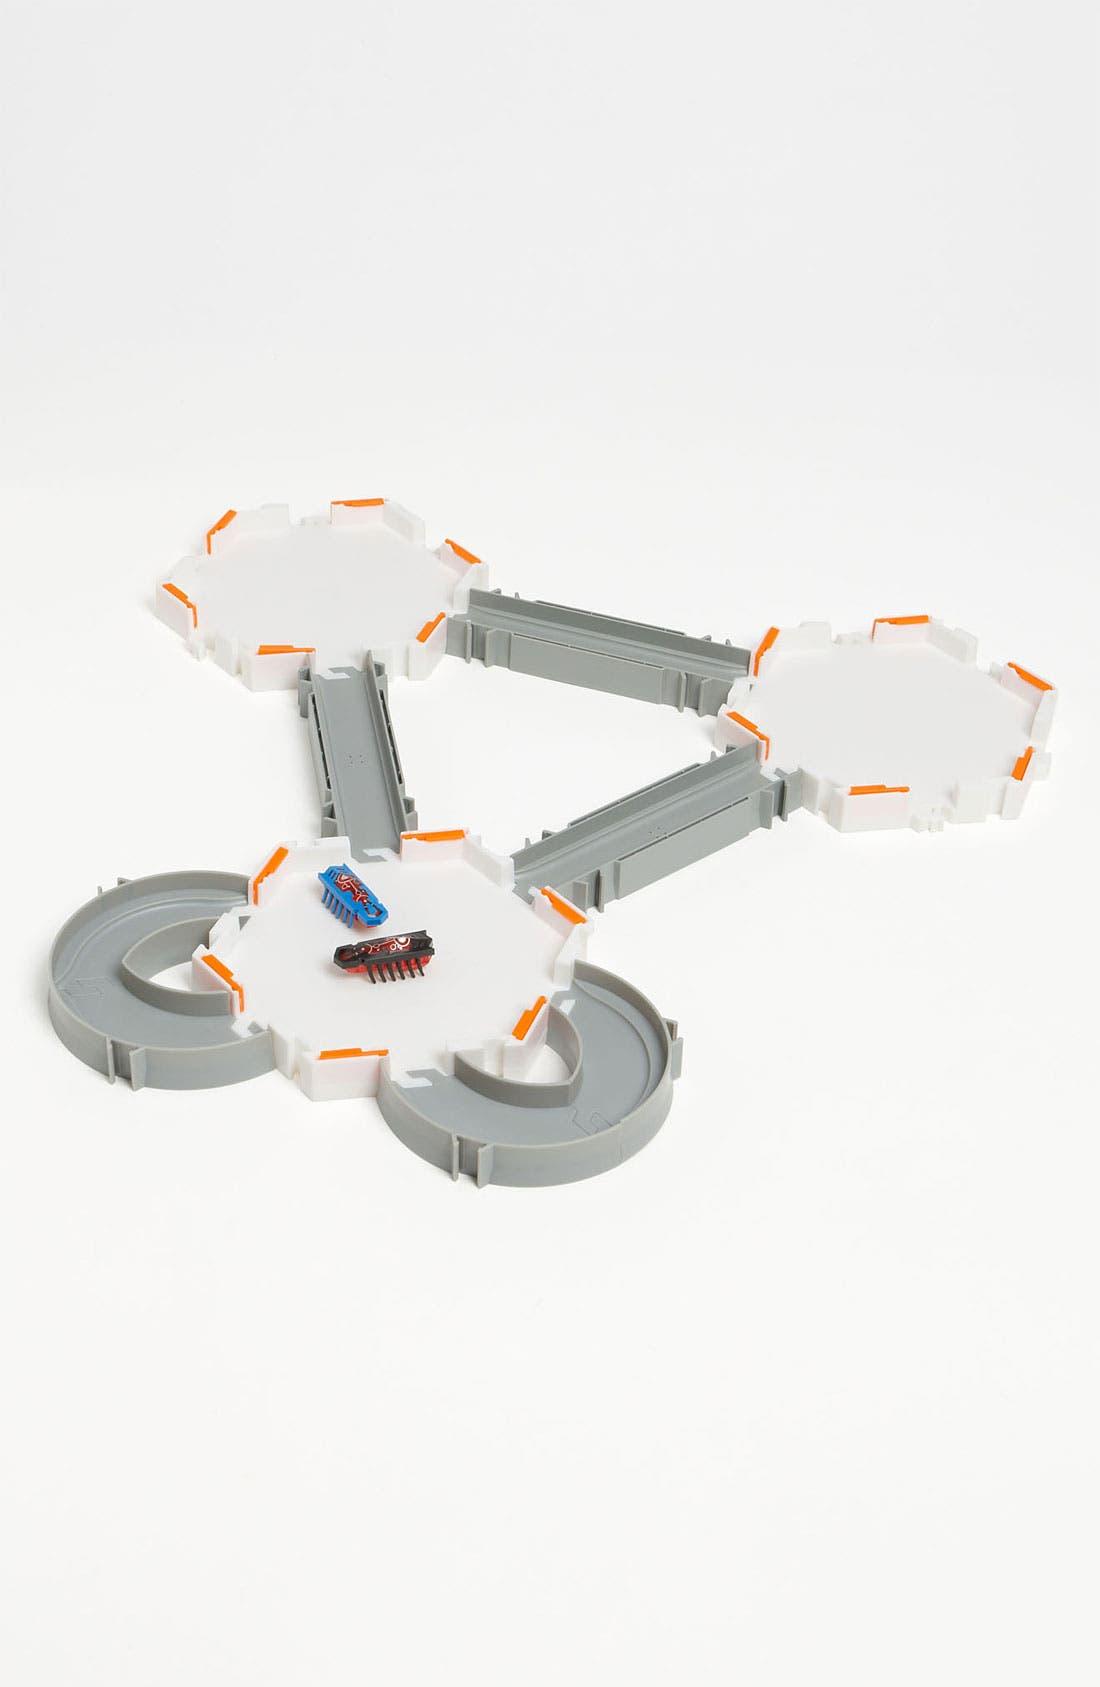 Main Image - Hexbug Toys Nano Habitat & Nano Bugs